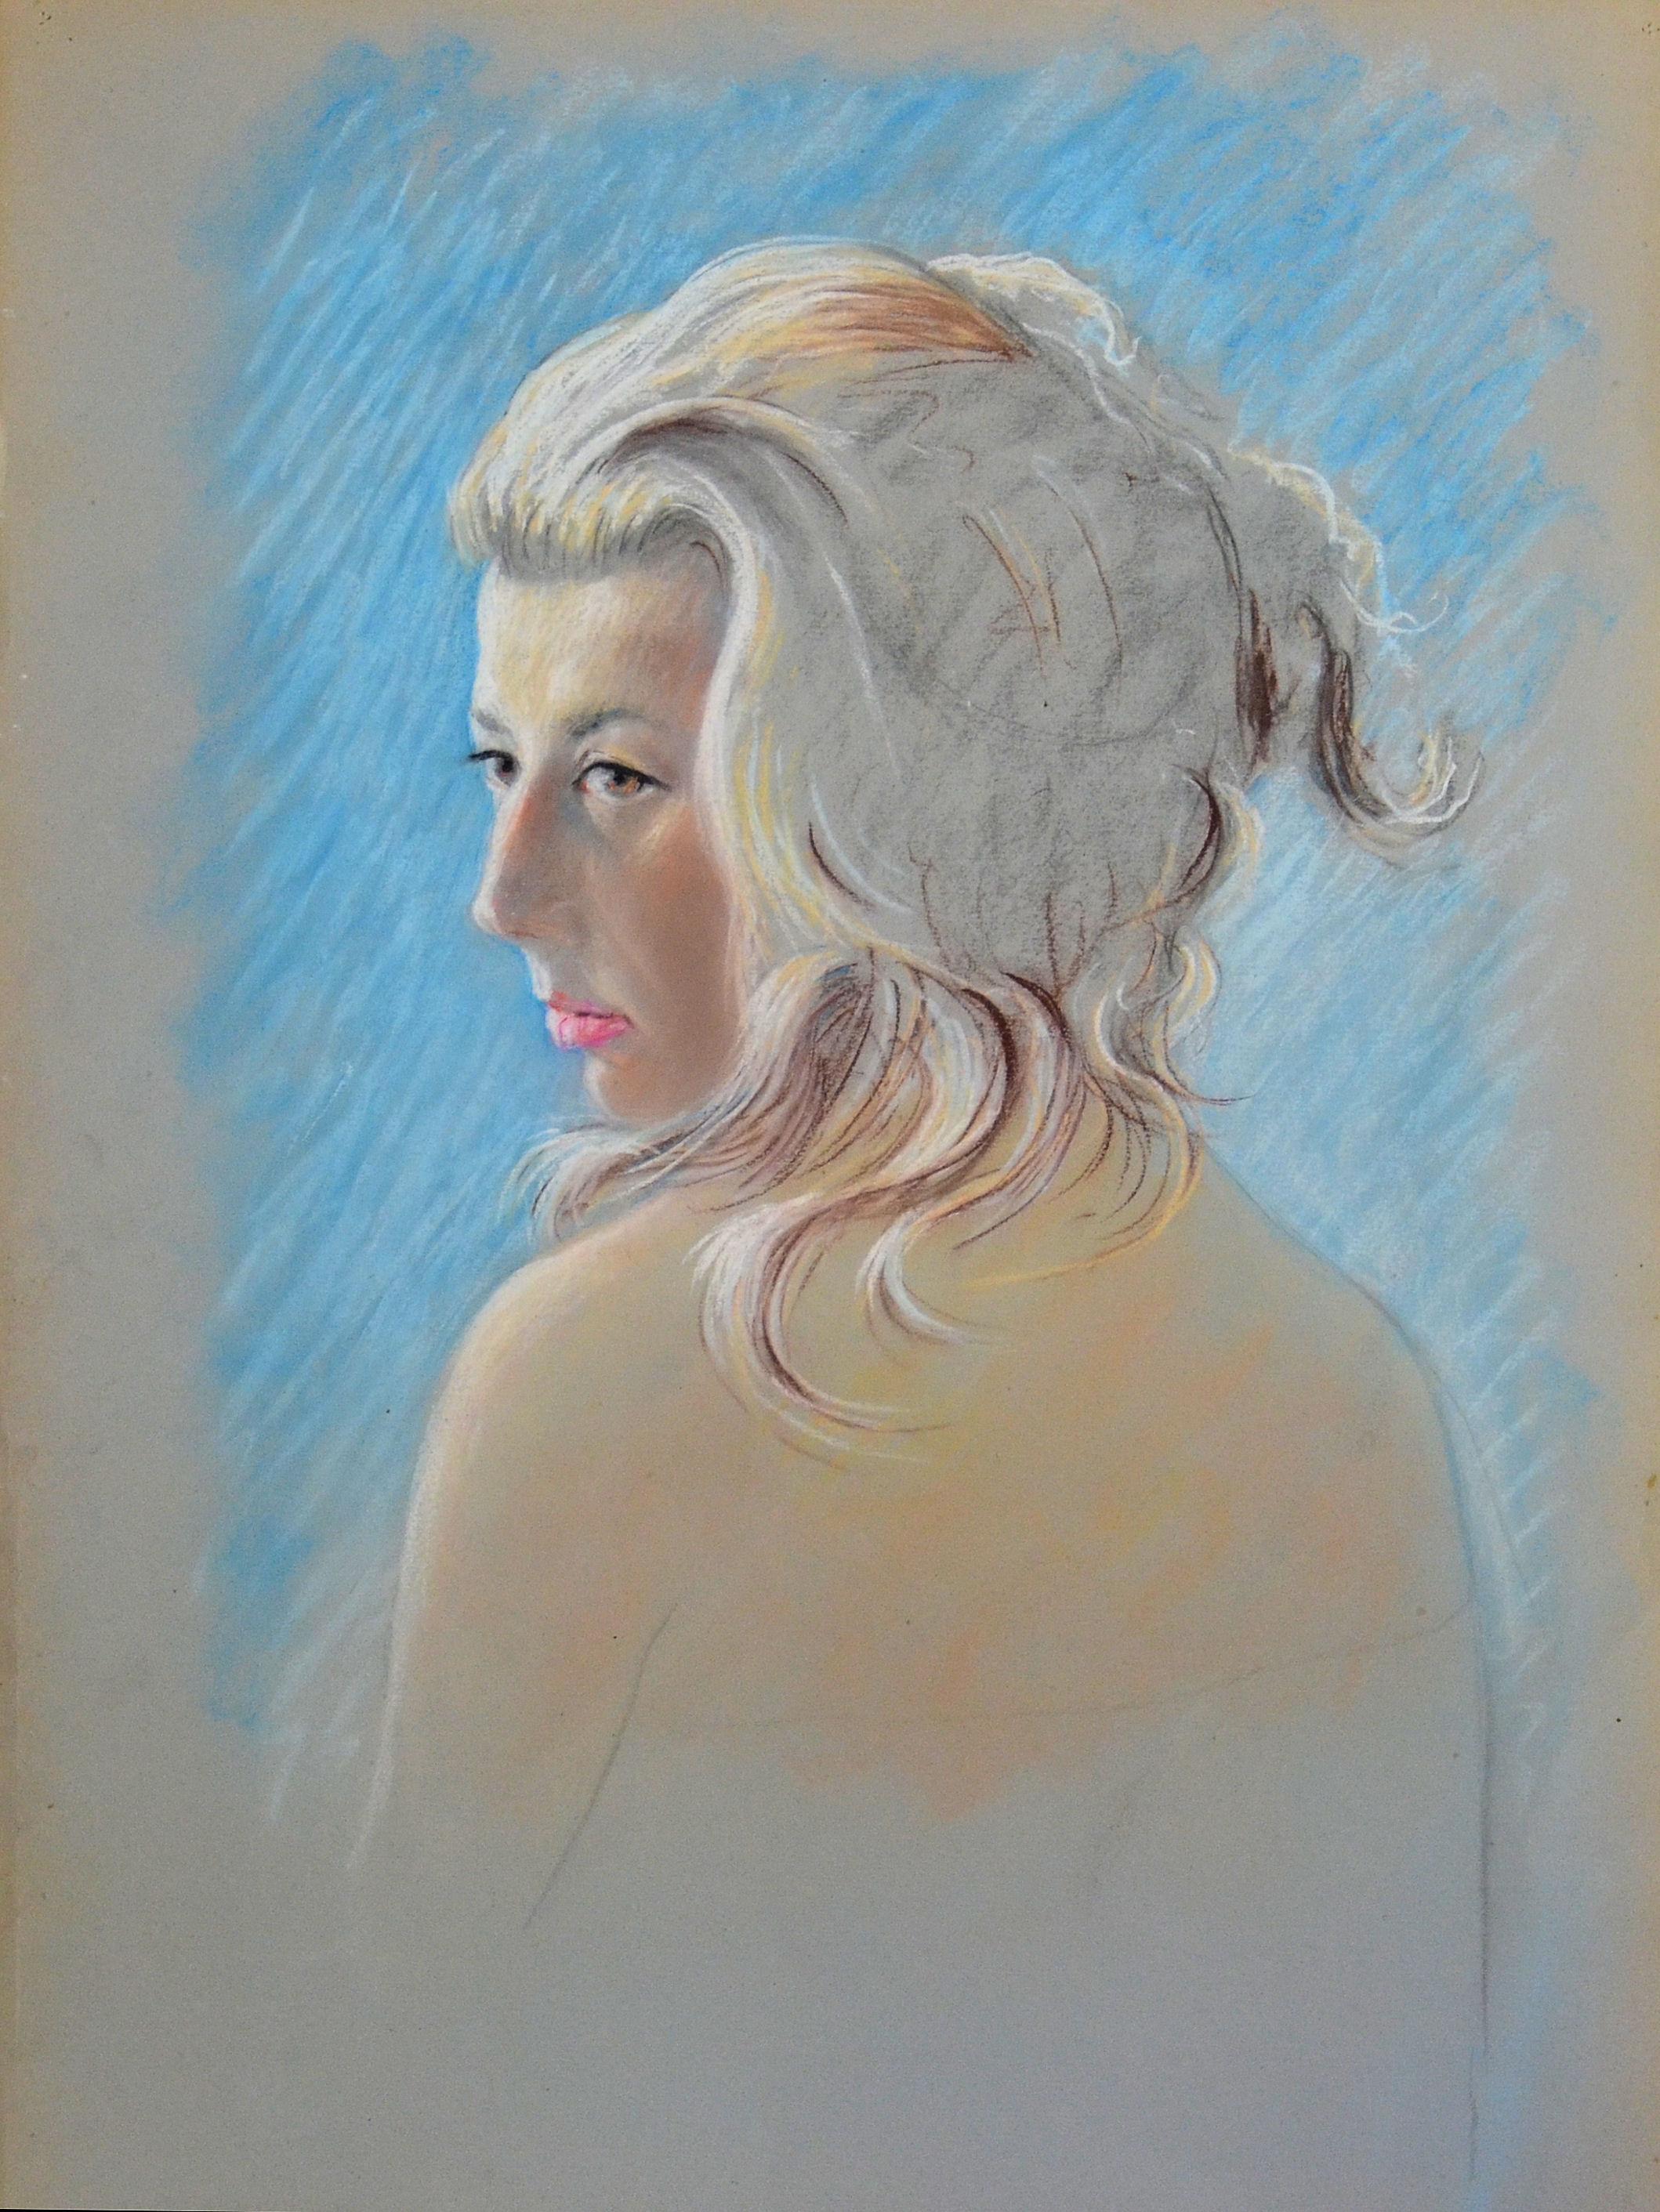 8. Ritratto di donna anni 60 pastello su carta cm 50x70